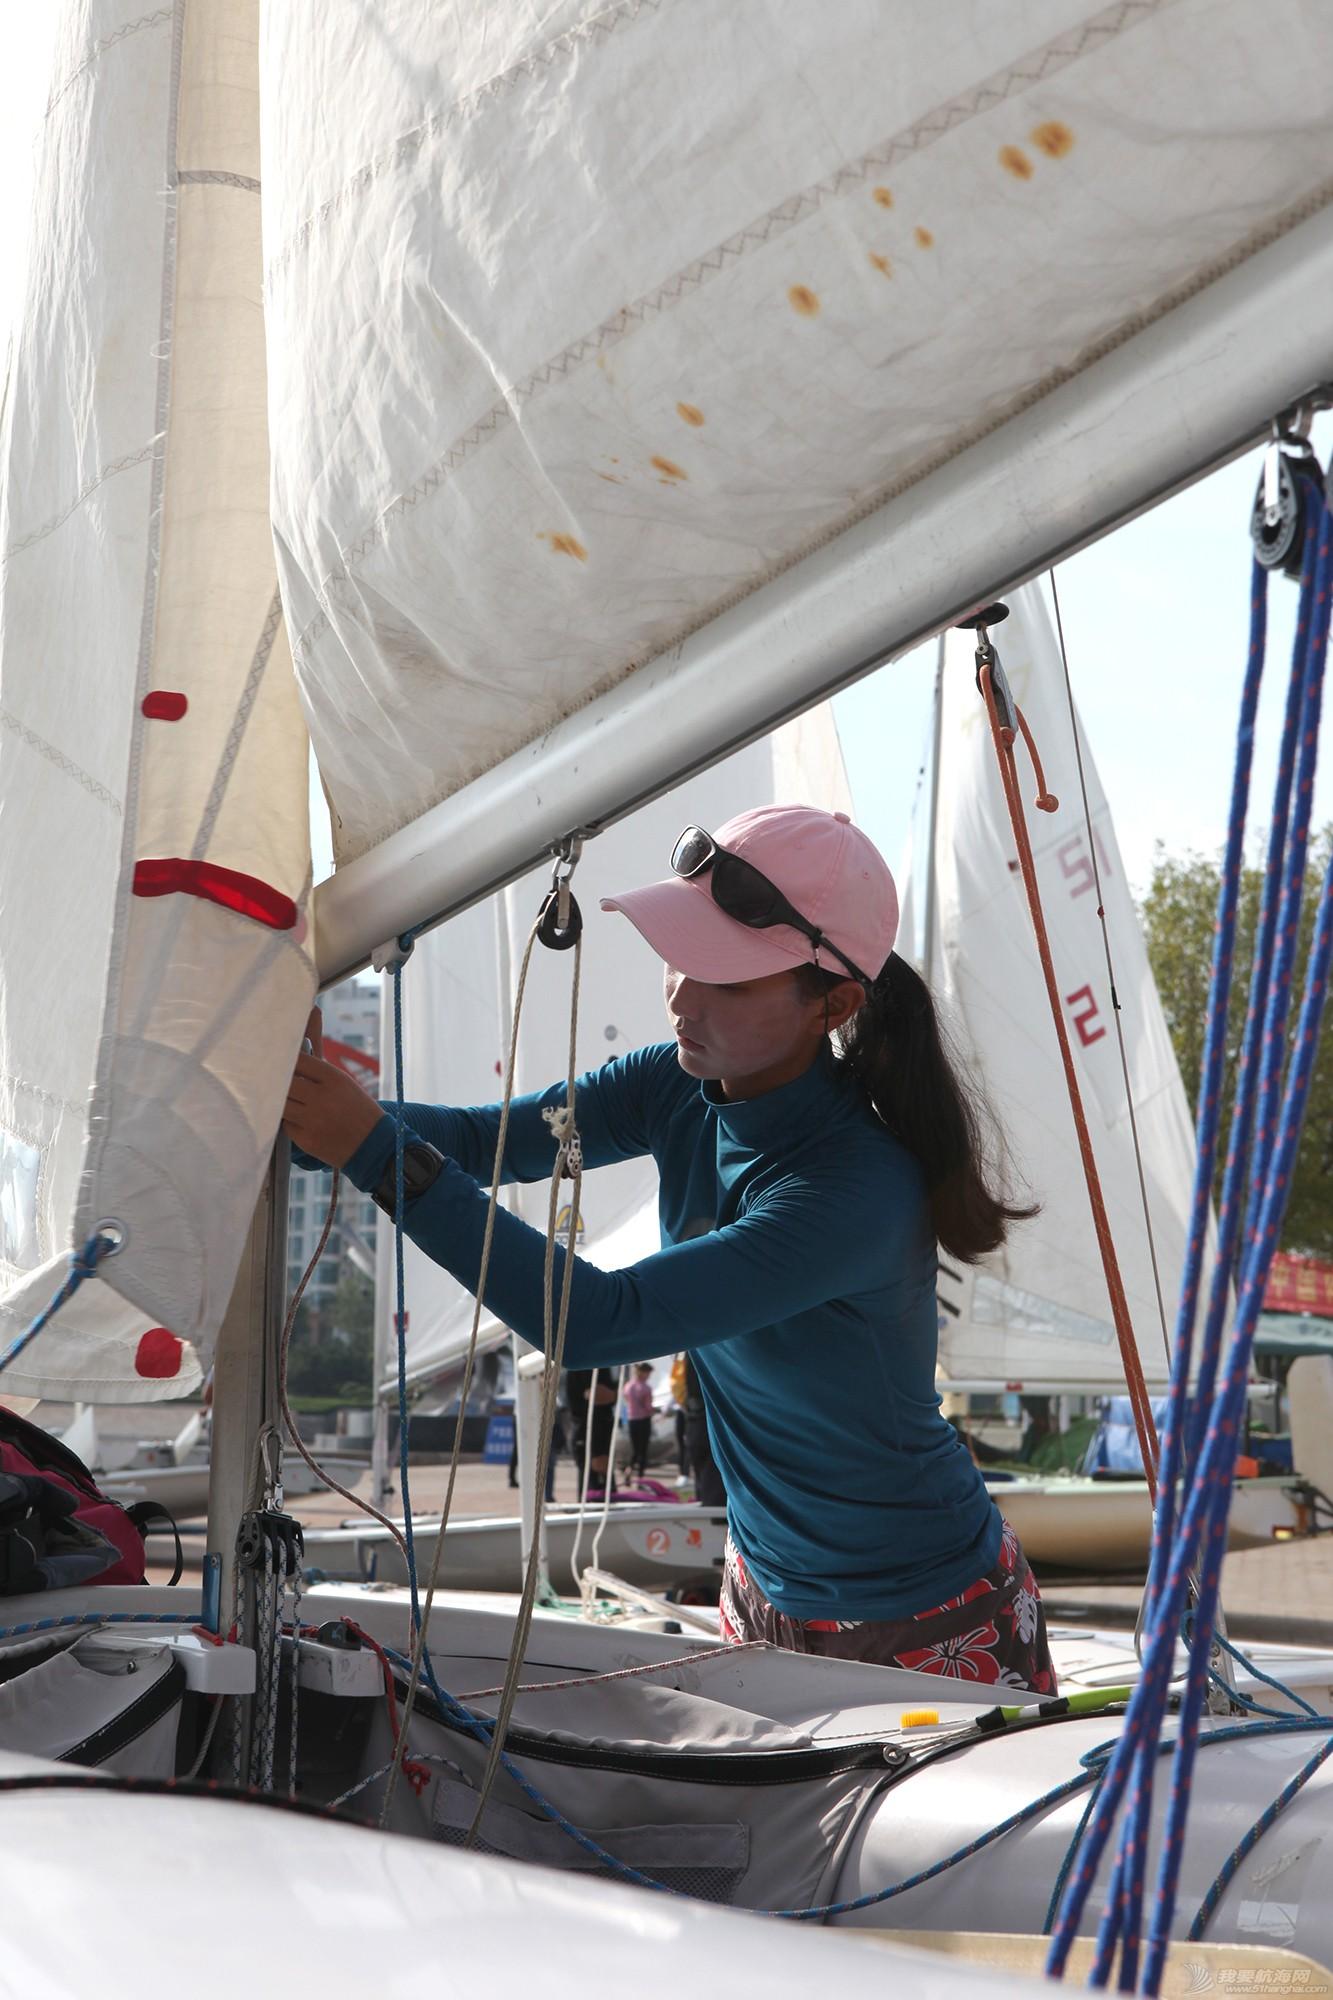 山东省,冠军赛,帆板,帆船 忙碌的赛前准备——山东省帆船帆板冠军赛花絮 IMG_7275.JPG